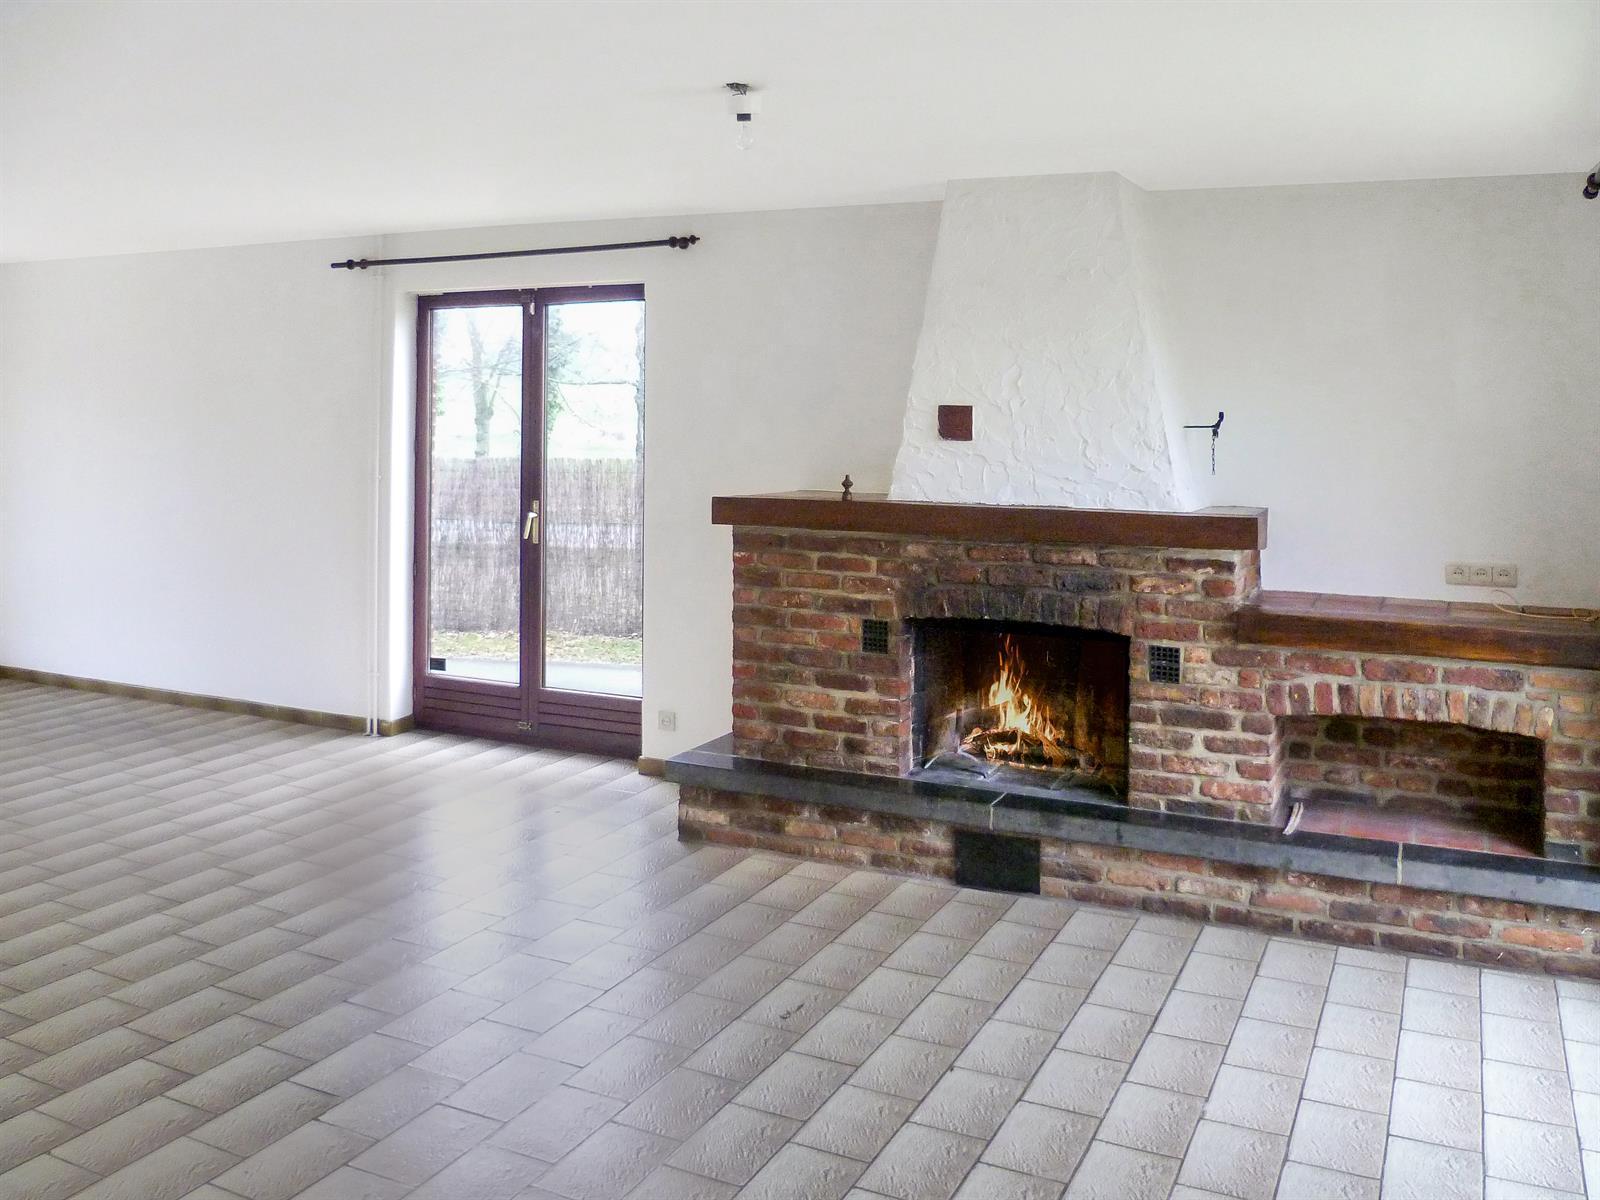 Huis - Rochefort - #4274772-6